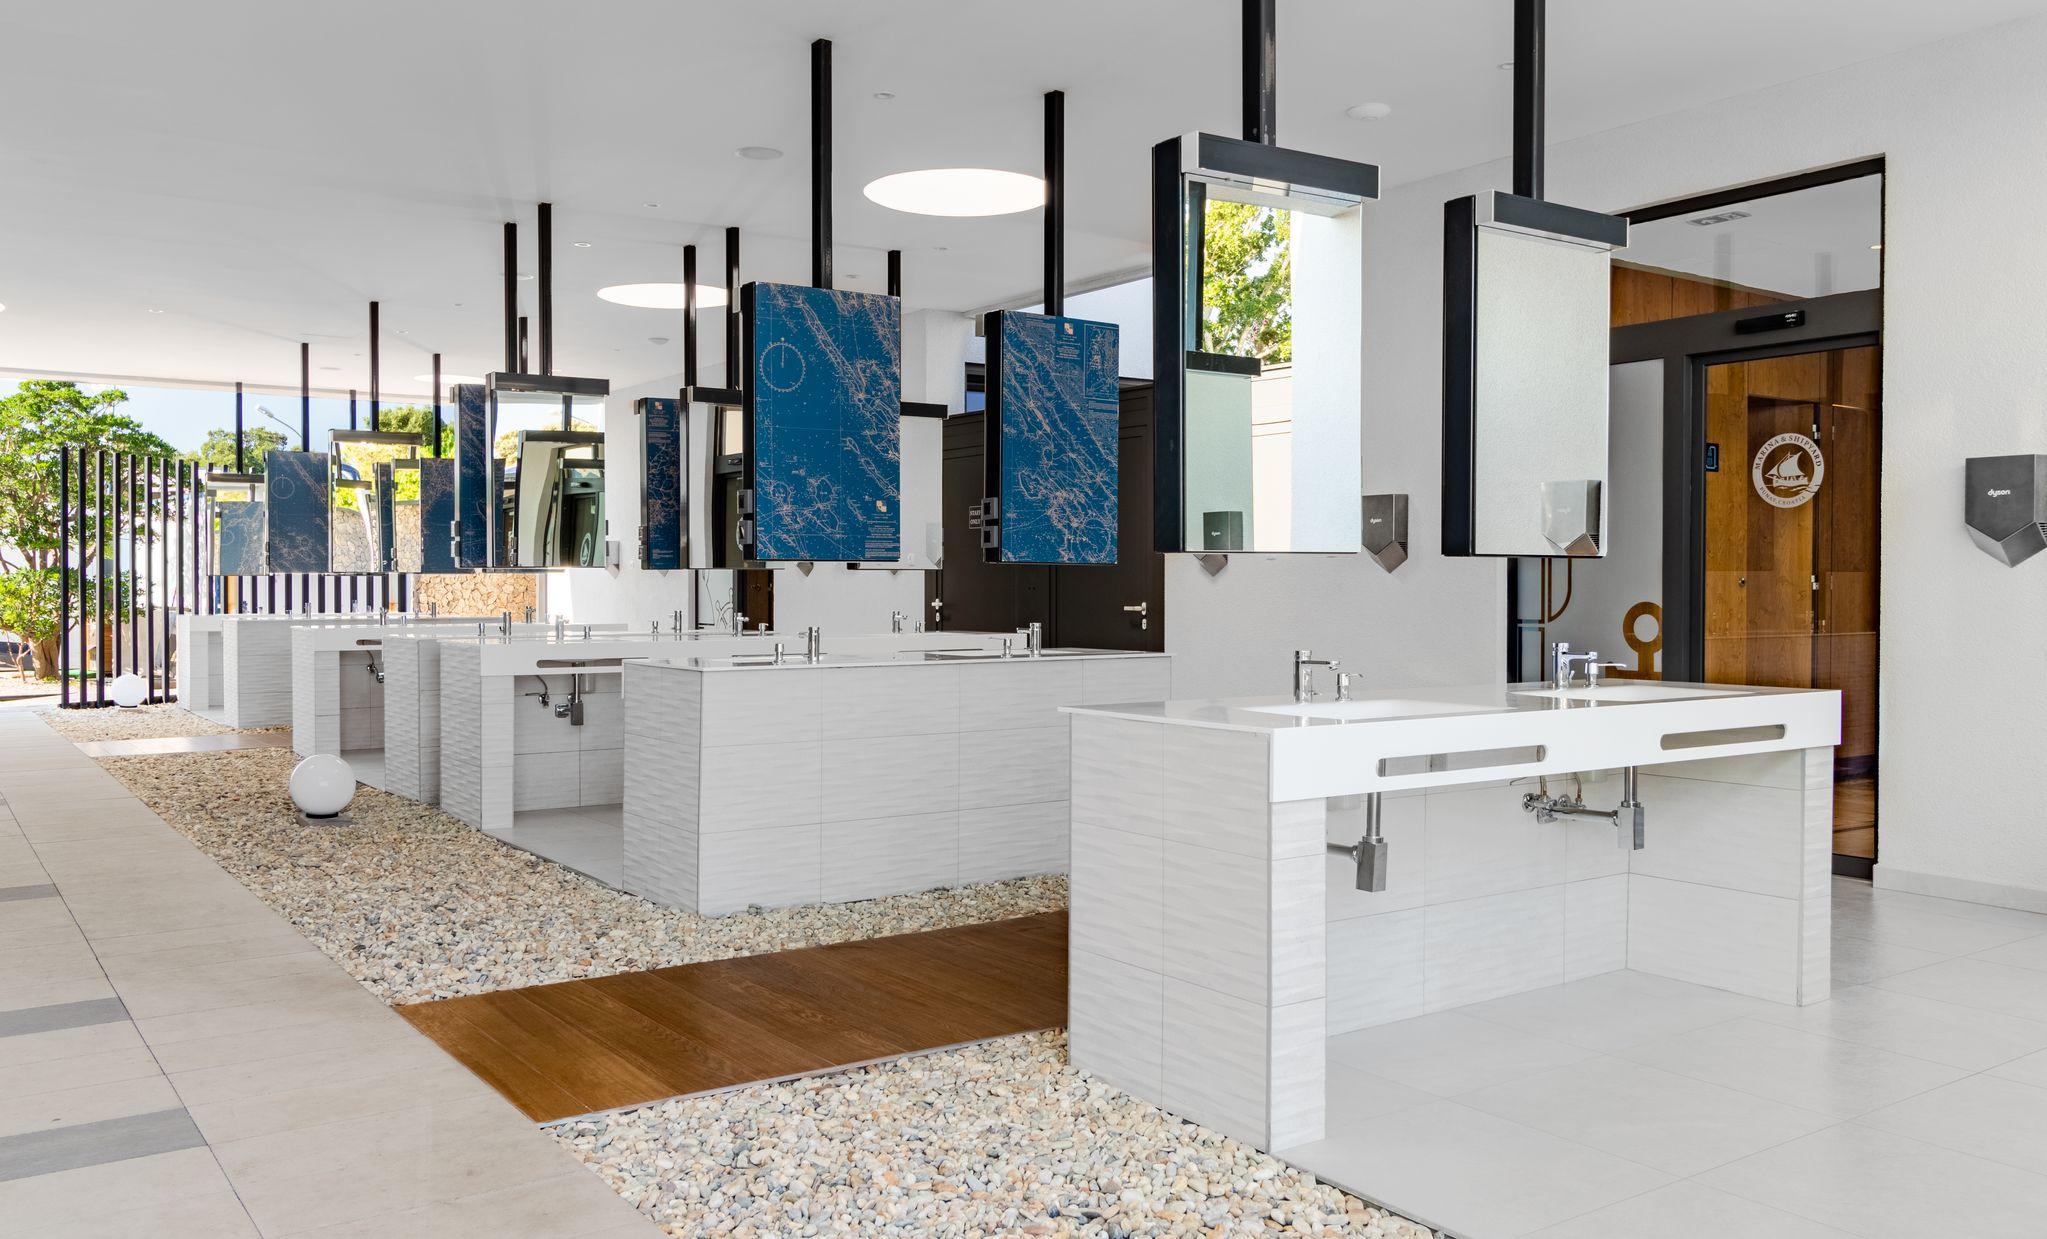 Novi sanitarni čvor tek jedan od noviteta u Marini Punat / Foto K. ŽIC